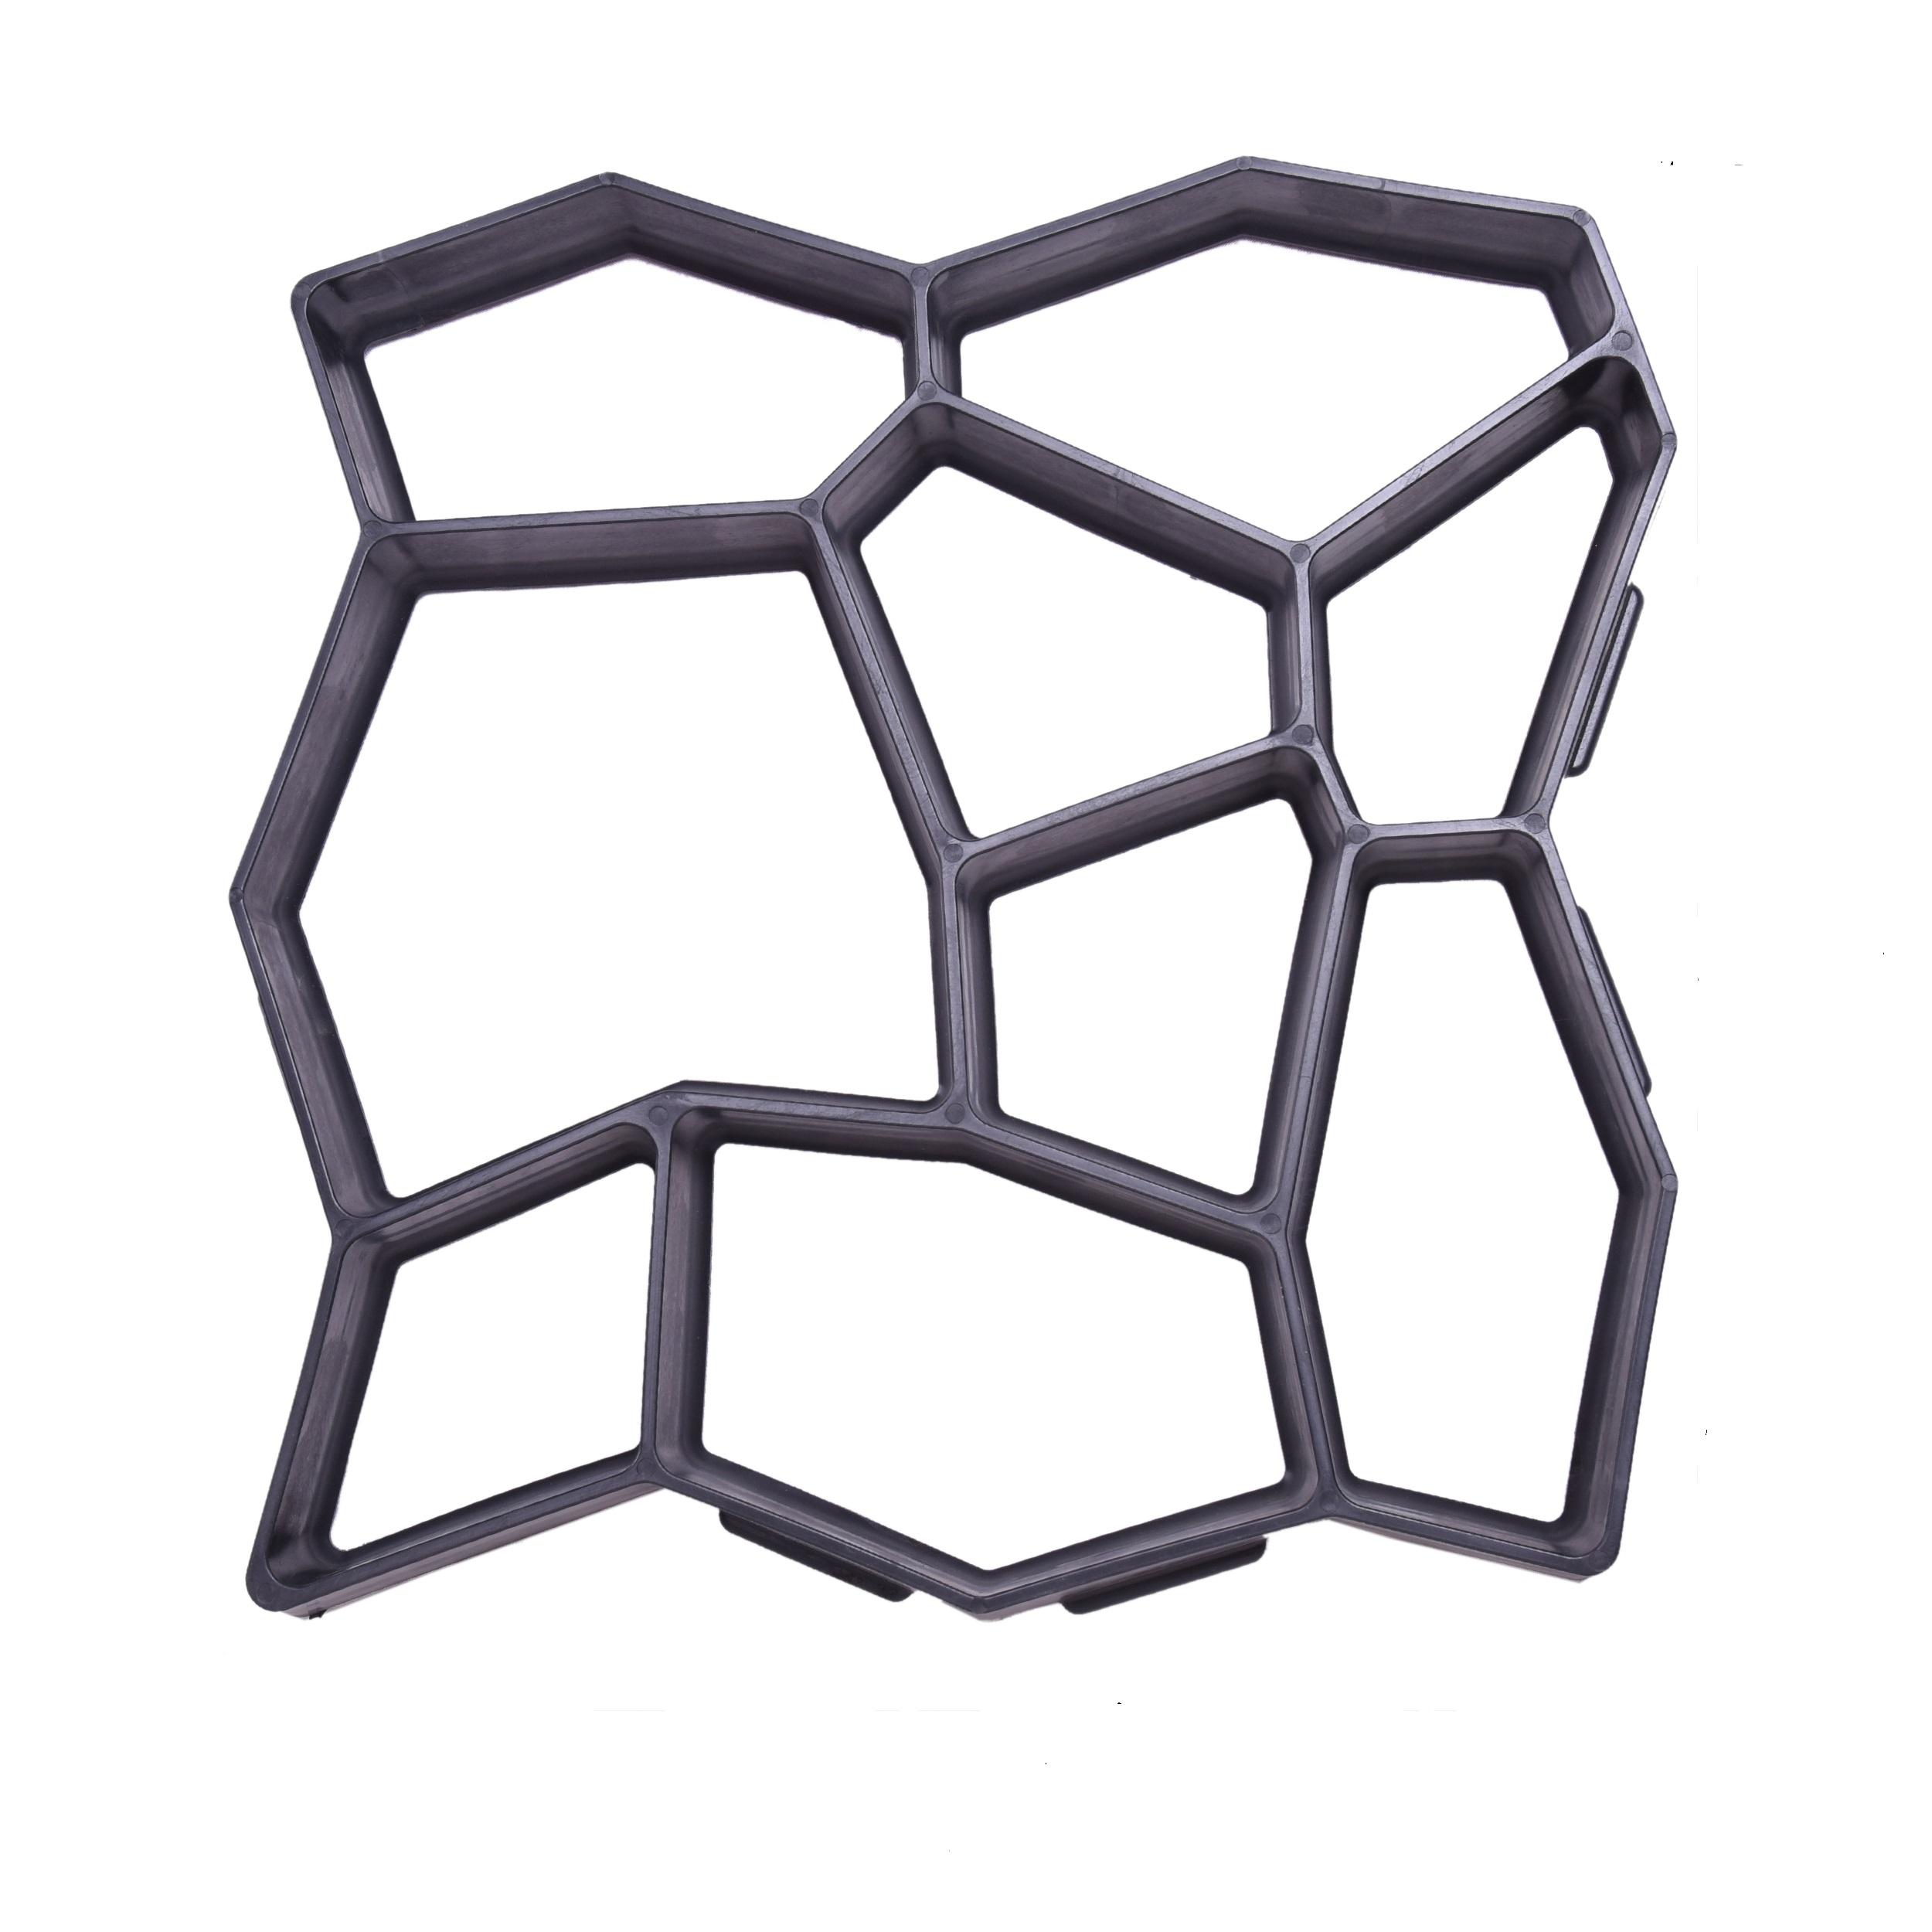 قالب سنگ فرش مدل B11 بسته 4 عددی